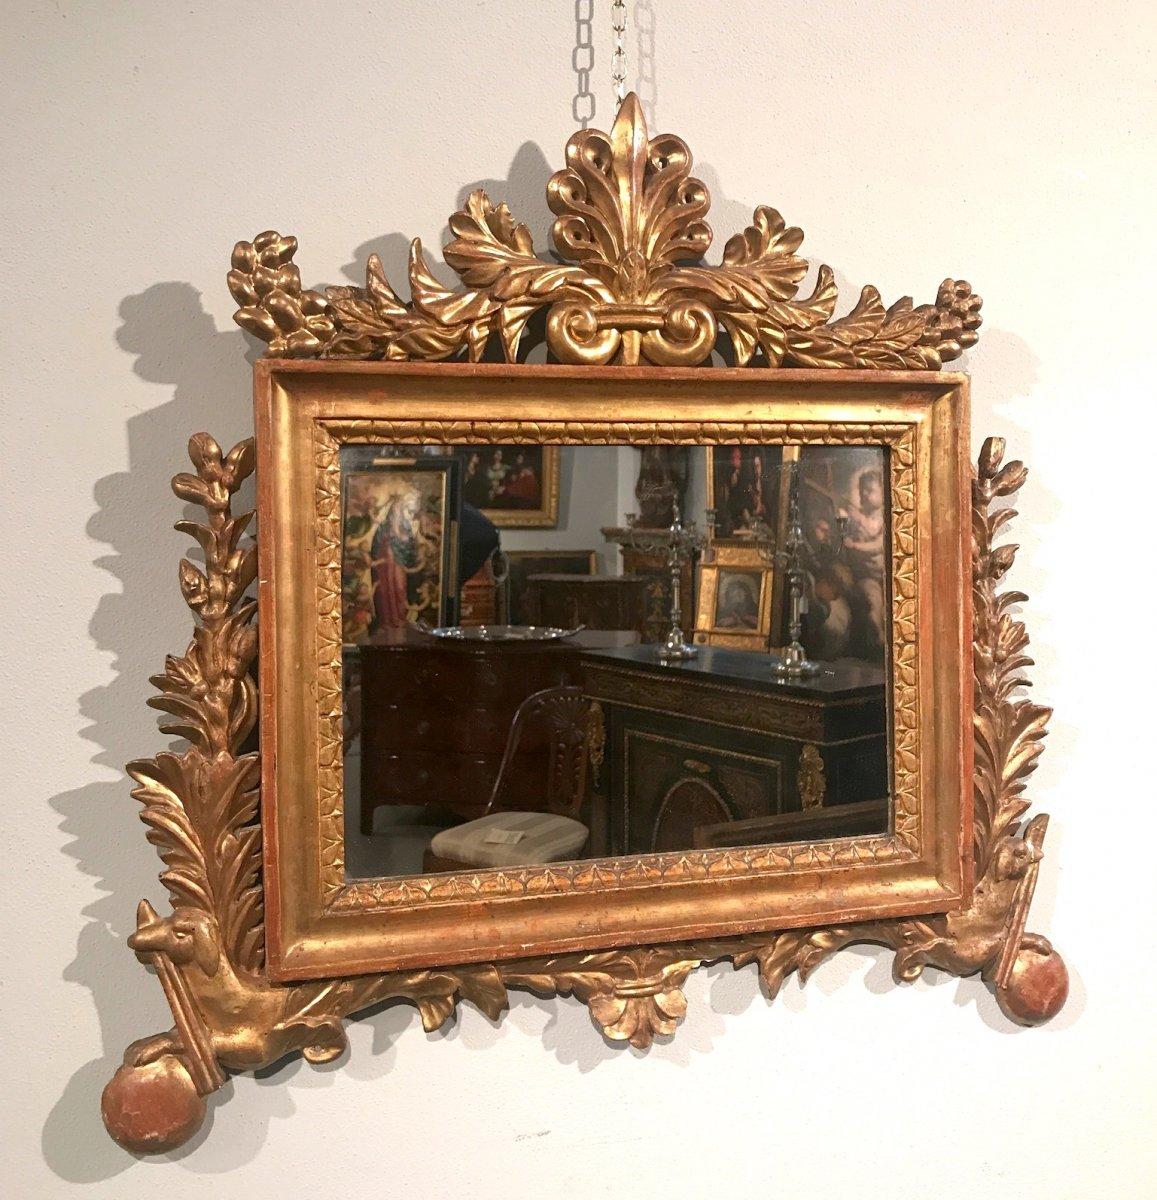 Miroir 'cartagloria' Néoclassique En Bois Sculpté Et Doré, 18ème Siècle